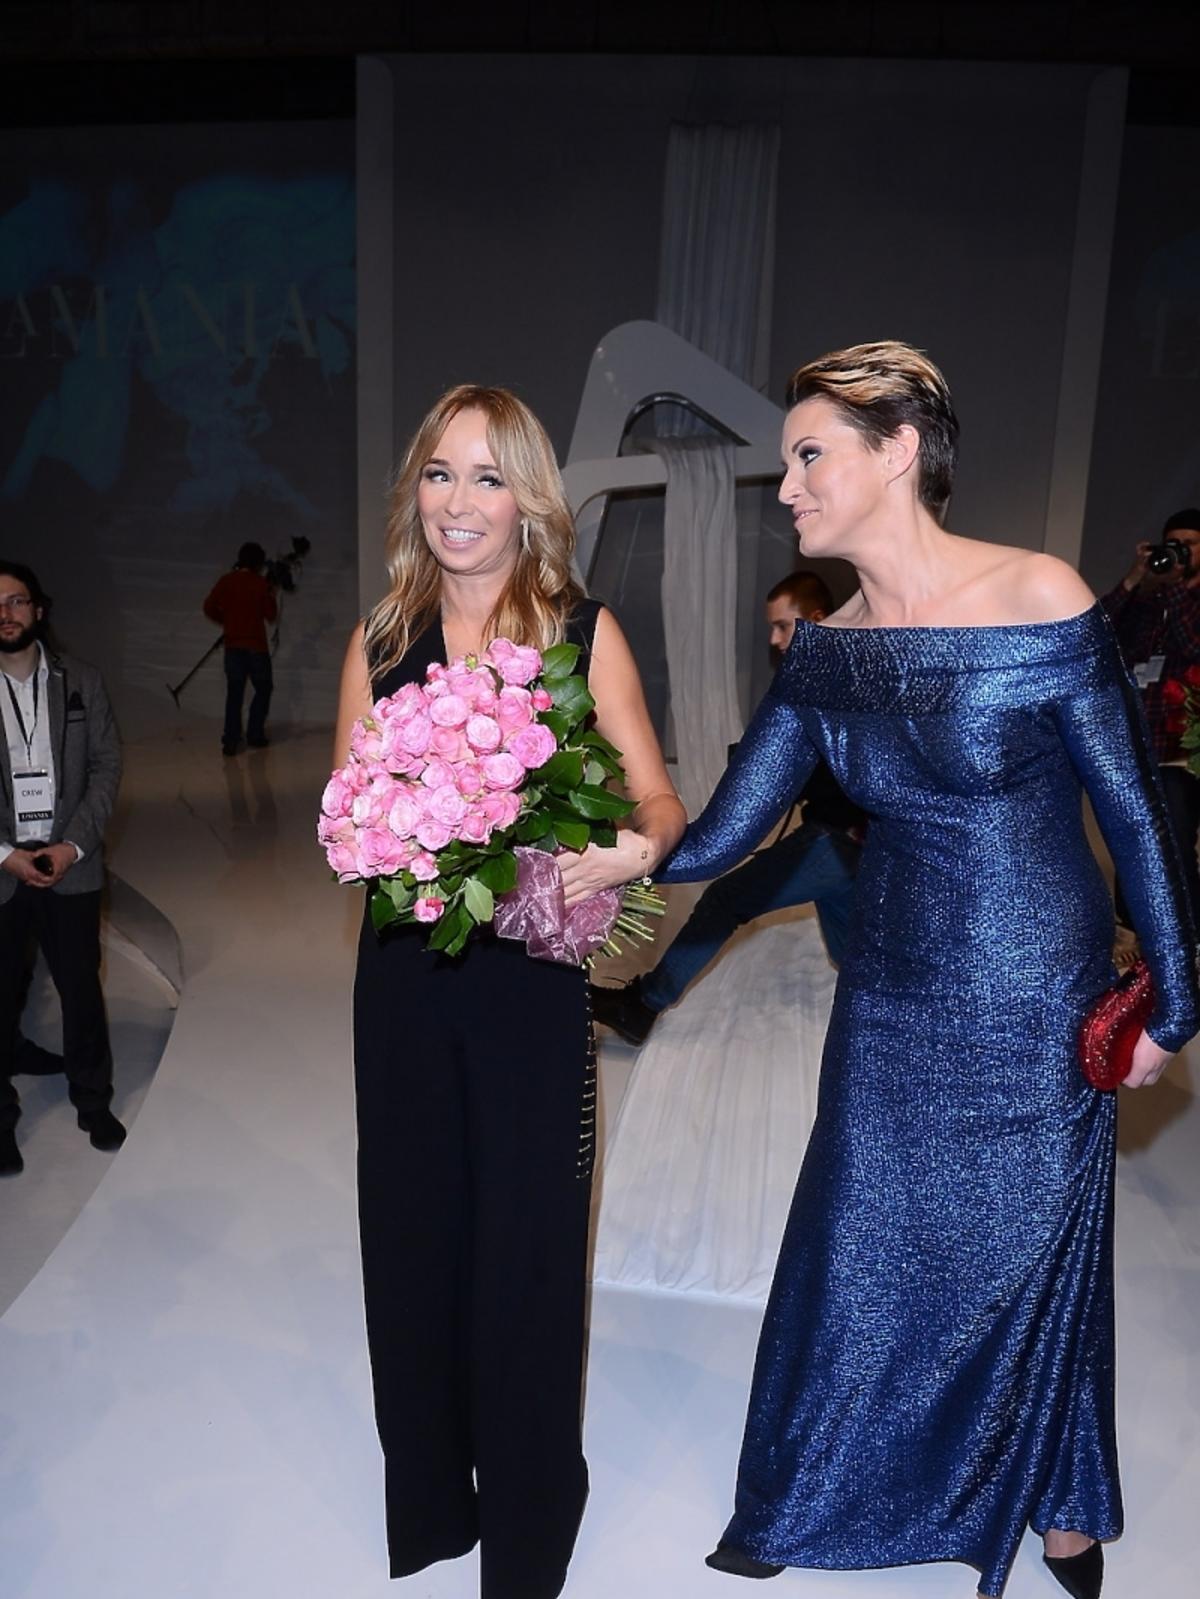 Joanna Przetakiewicz odbiera gratulacje po pokazie La Manii w Soho Factory